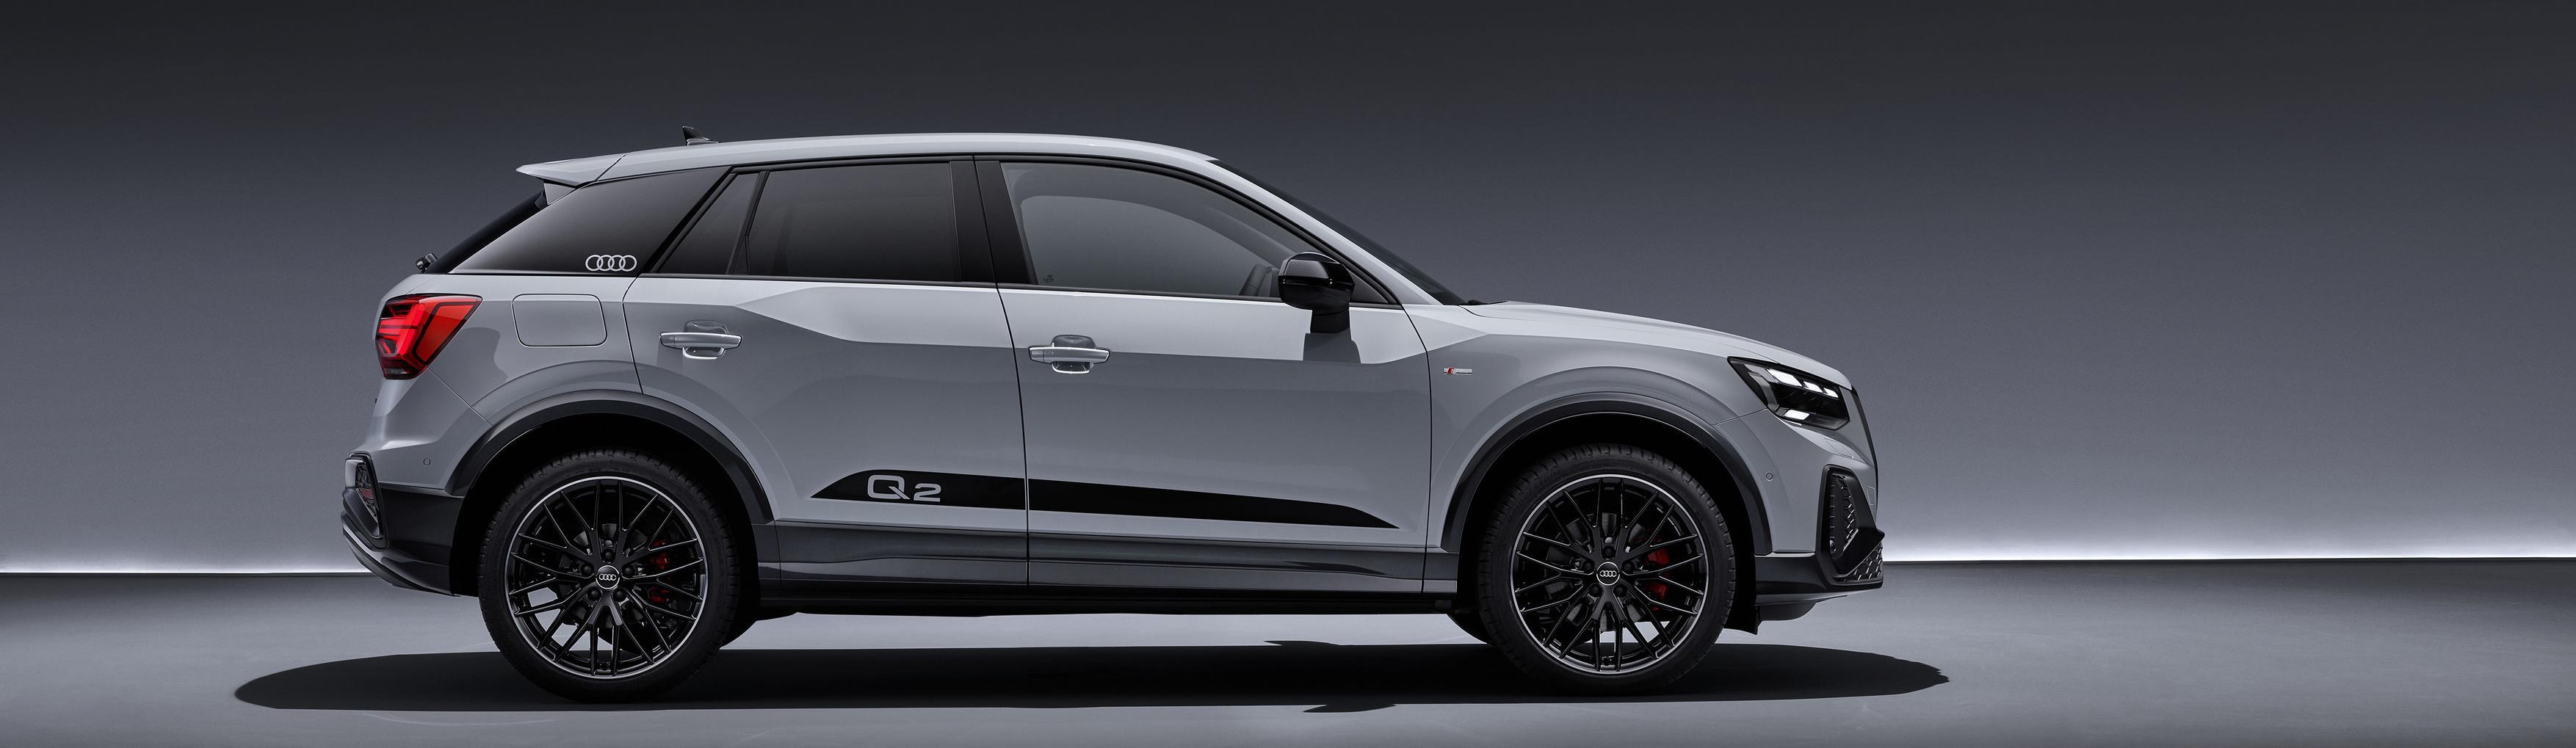 Nouvelle Audi Q2 Personnalite Affirmee Audi4addict